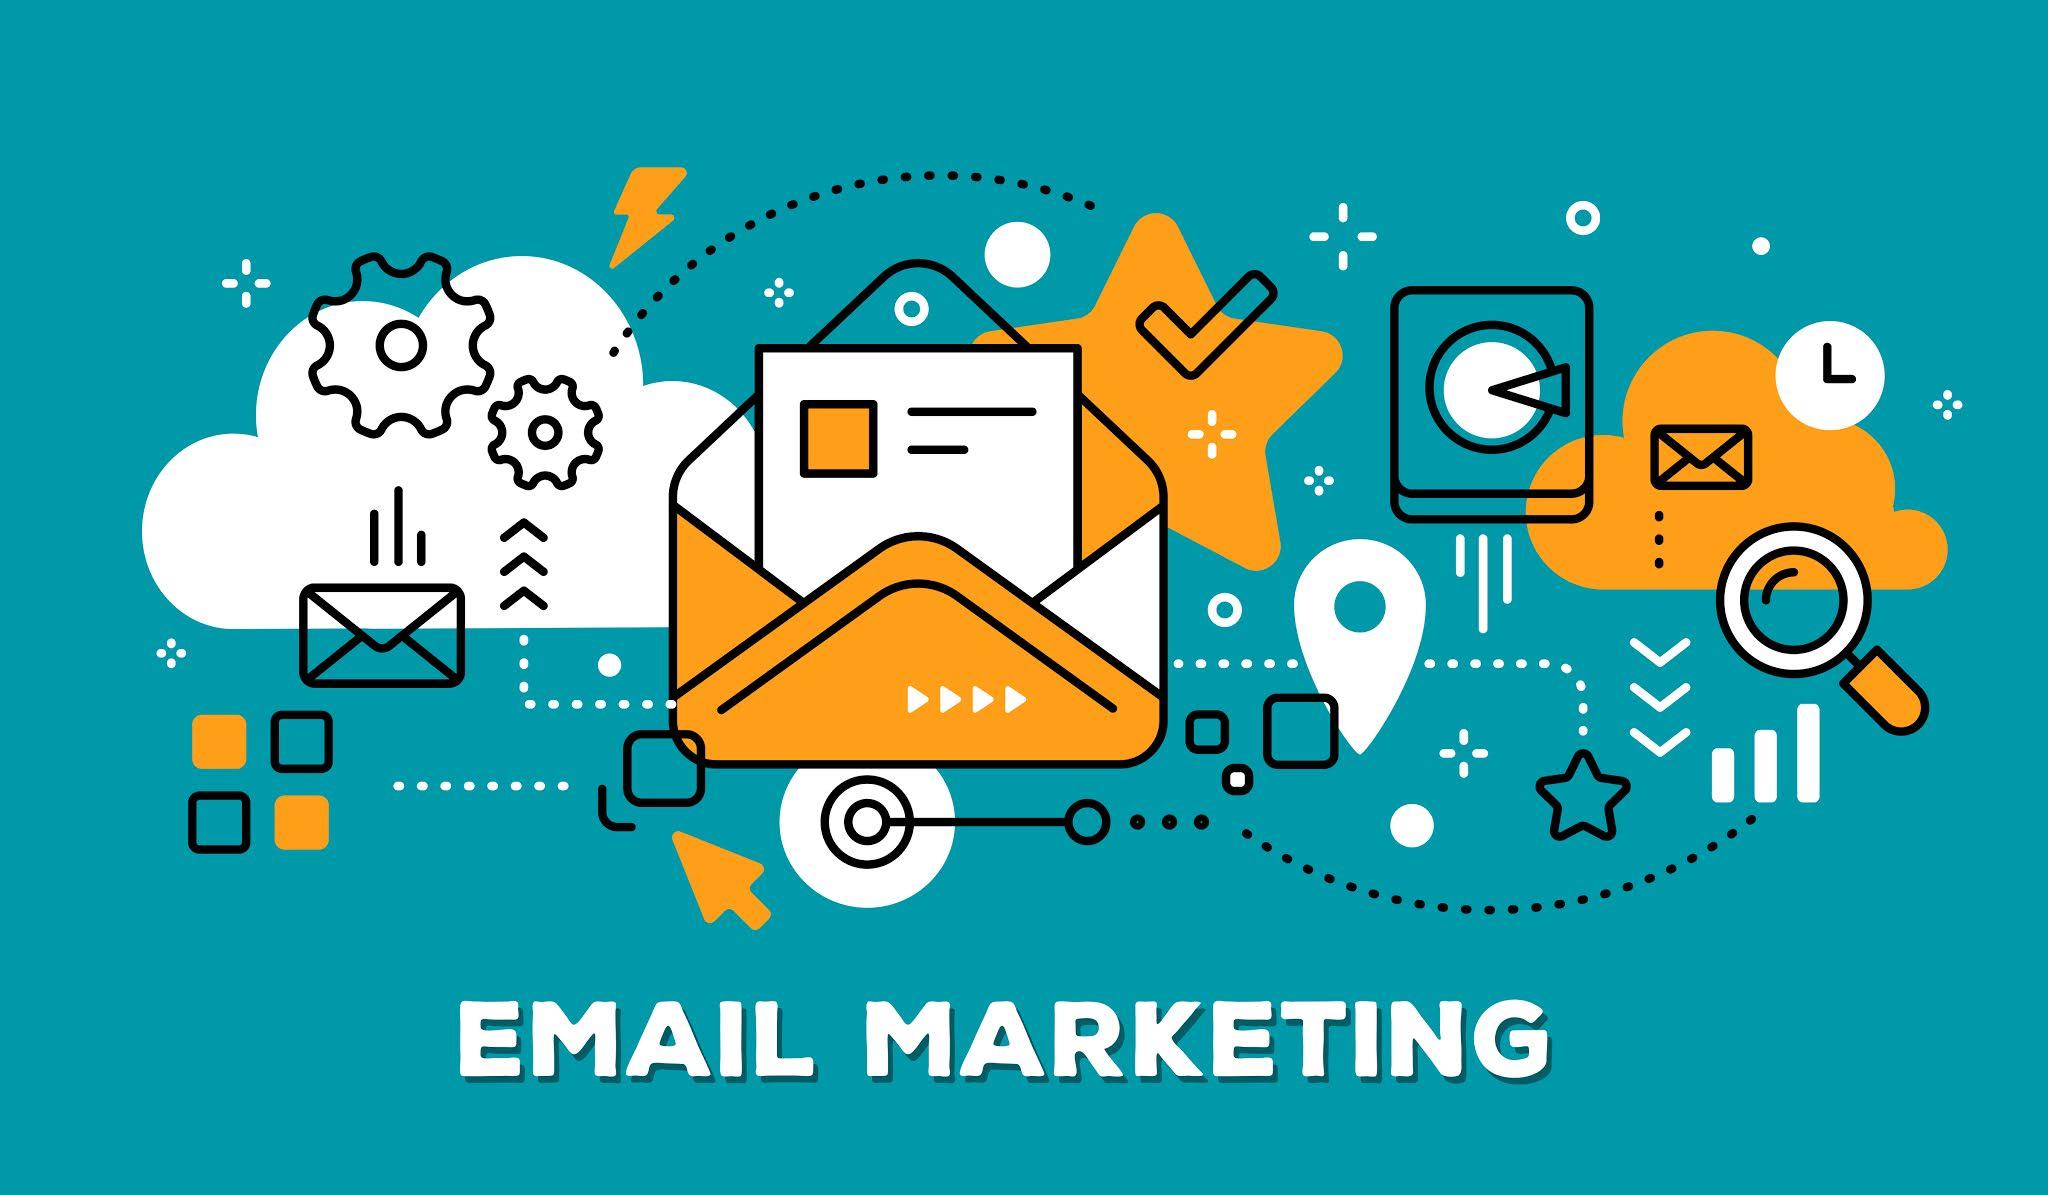 التسويق عبر البريد الاليكتروني - Email Marketing